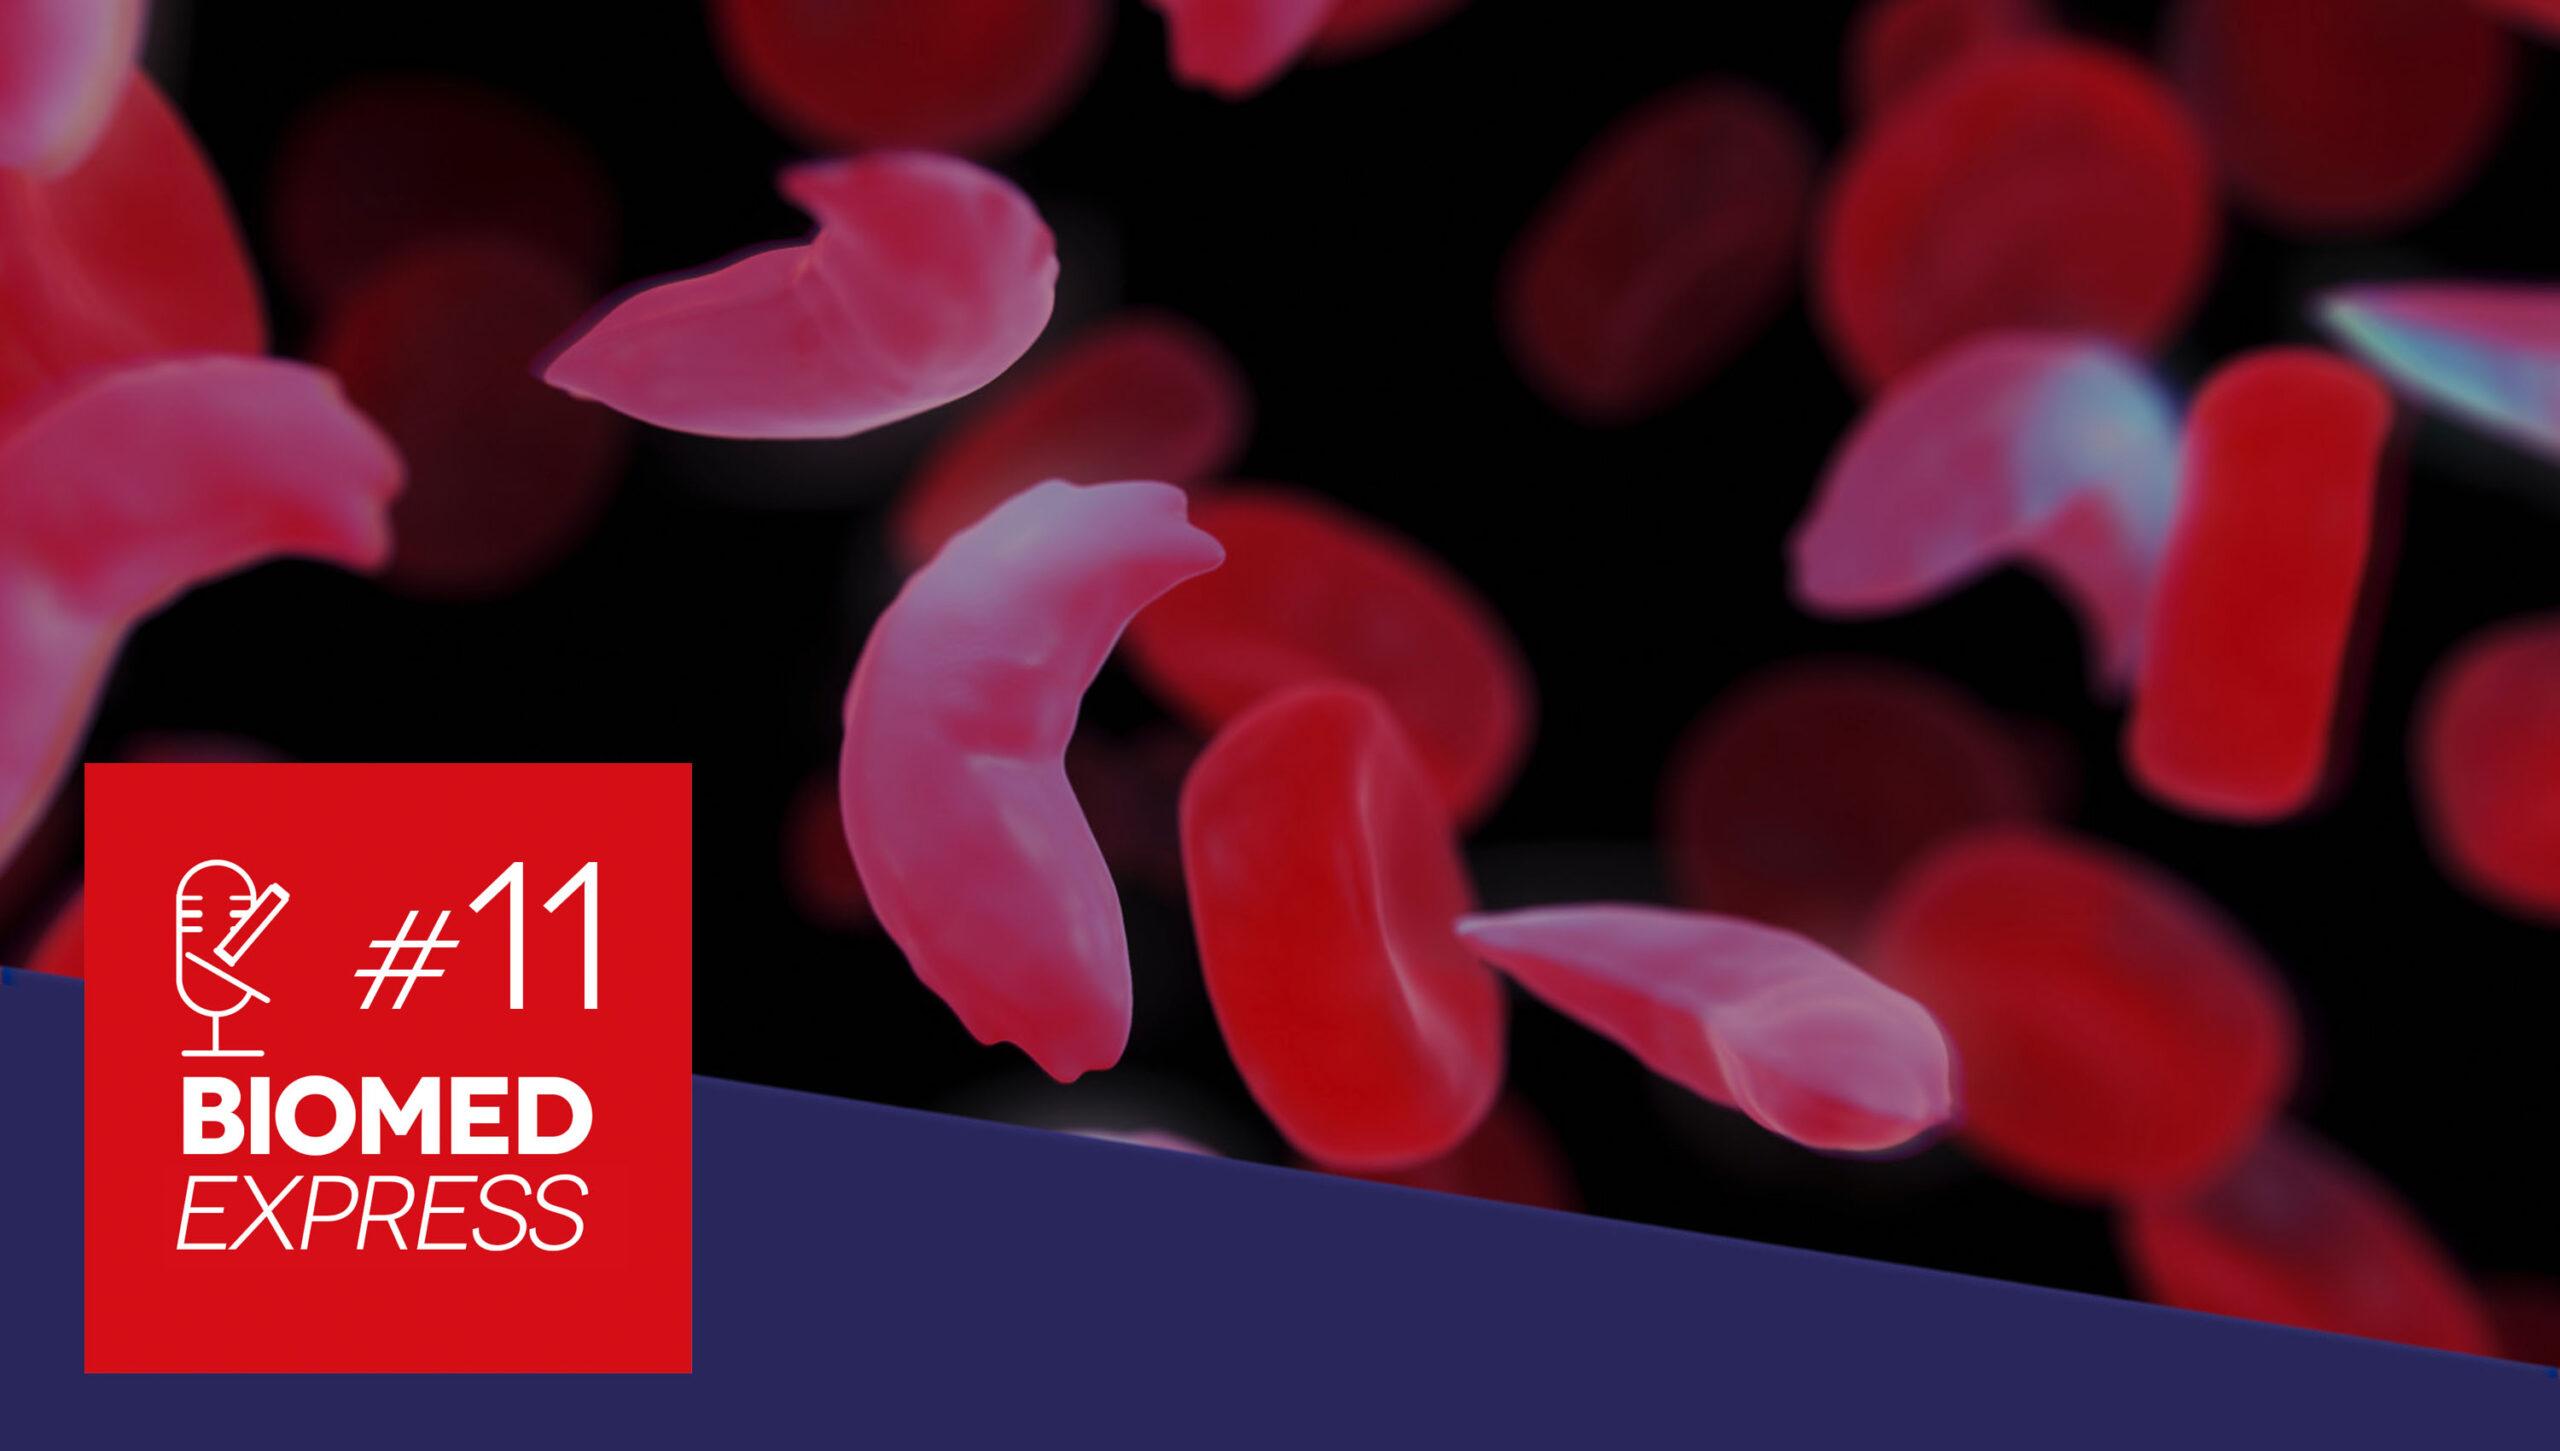 #11 Biomed Express – Corrigida Mutação que dá Origem à Anemia Falciforme